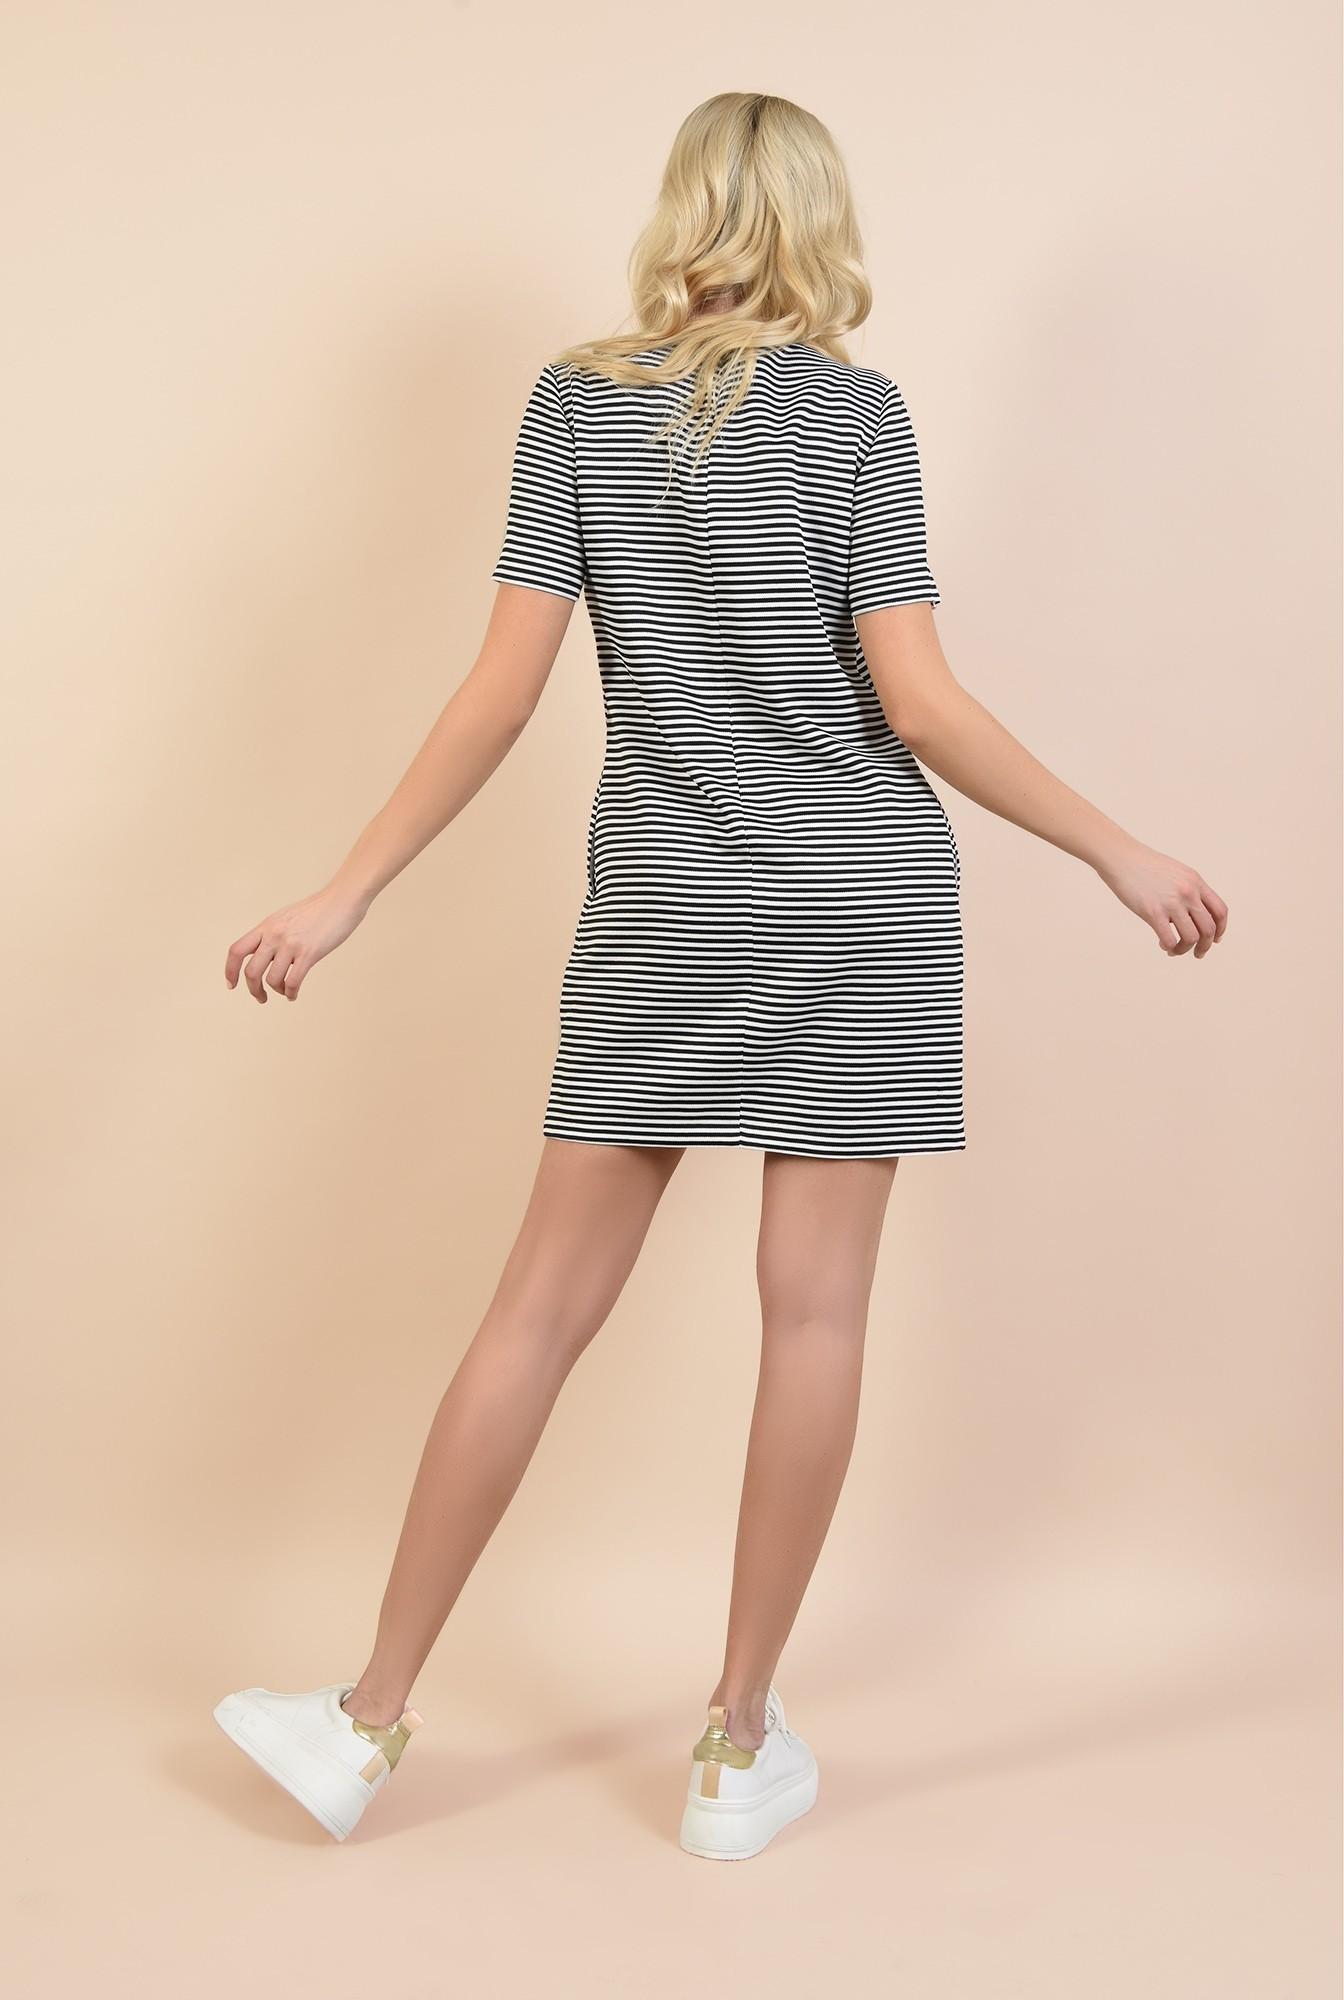 1 - rochie scurta, casual, lejera, cu dungi fine, alb-bleumarin, Poema